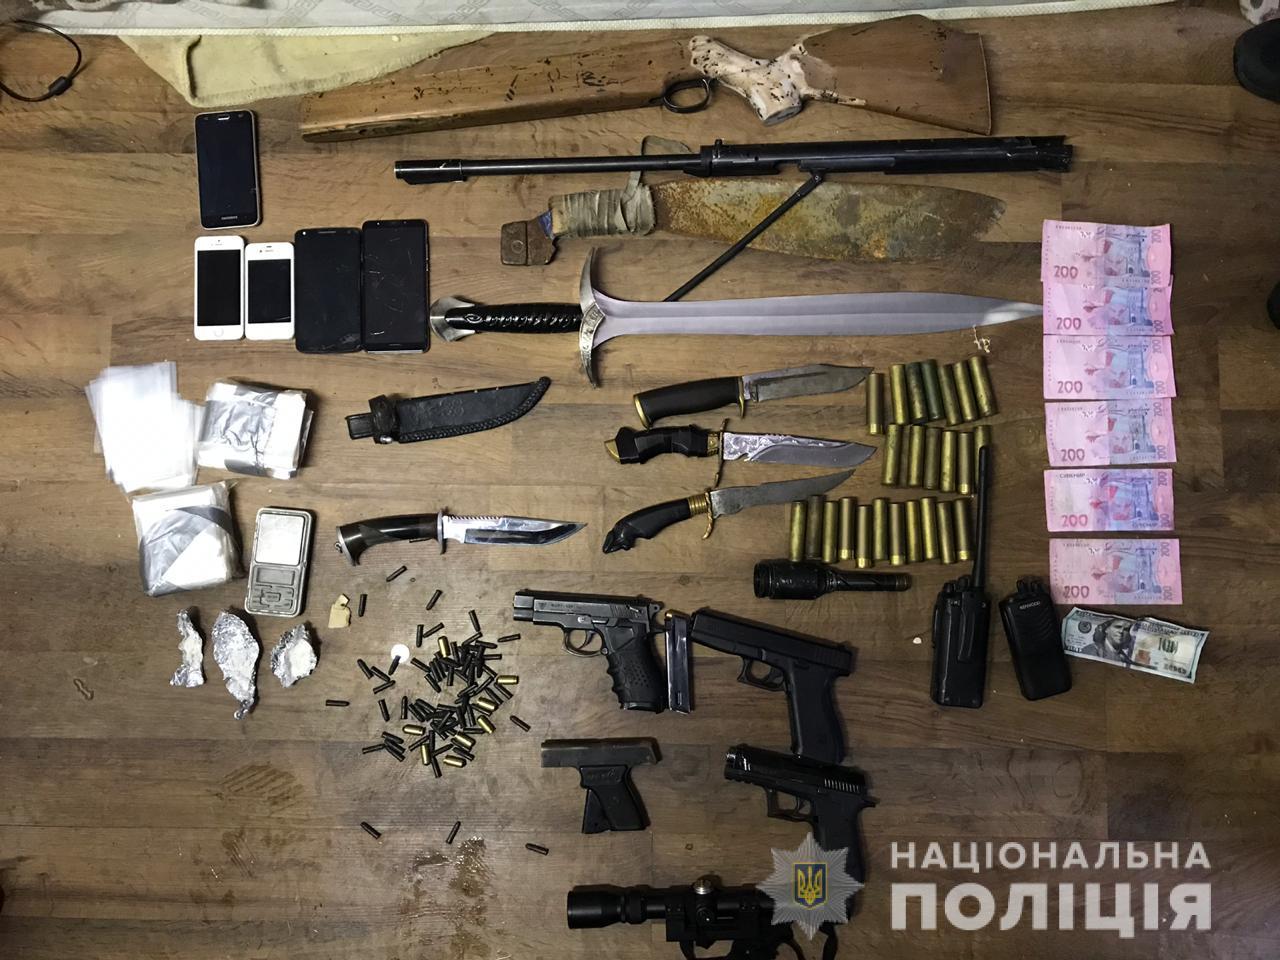 Крав та виготовляв наркотики: під Києвом затримали чоловіка причетного до низки злочинів - кримінал, крадіжка - 09 makariv3